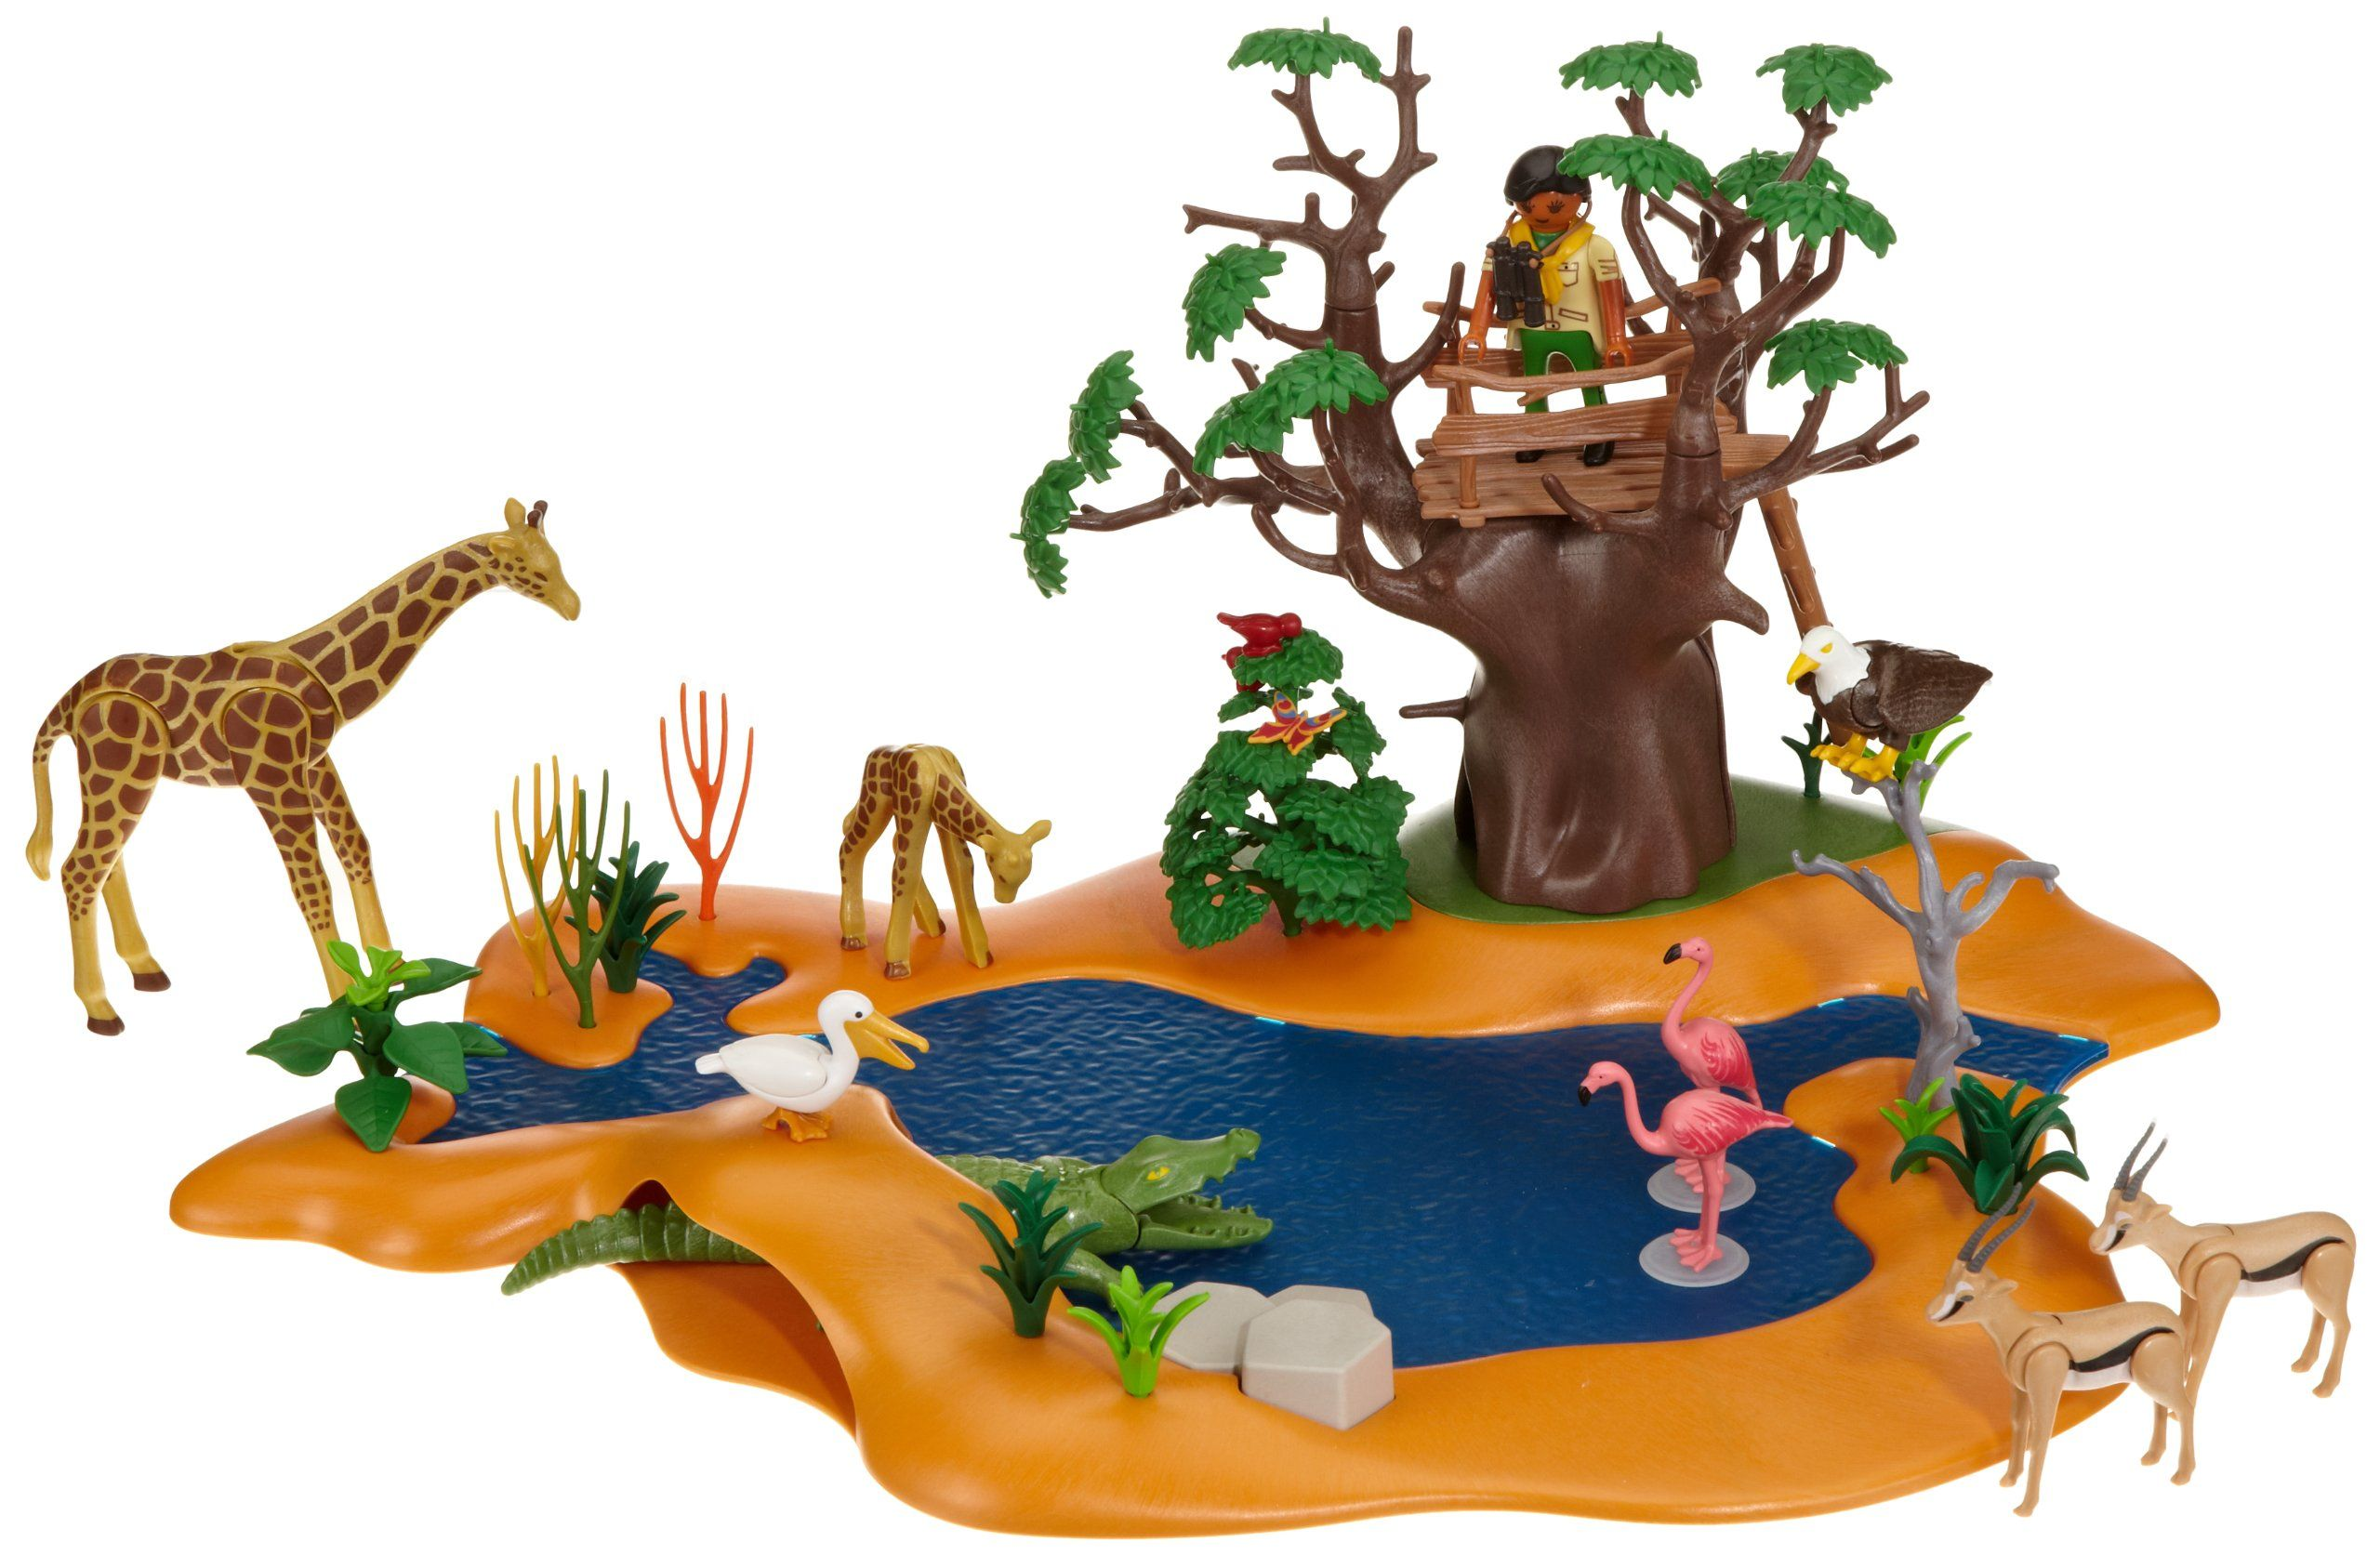 Playmobil 4827 jeu de construction poste d 39 observation et animaux de savane - Playmobile savane ...